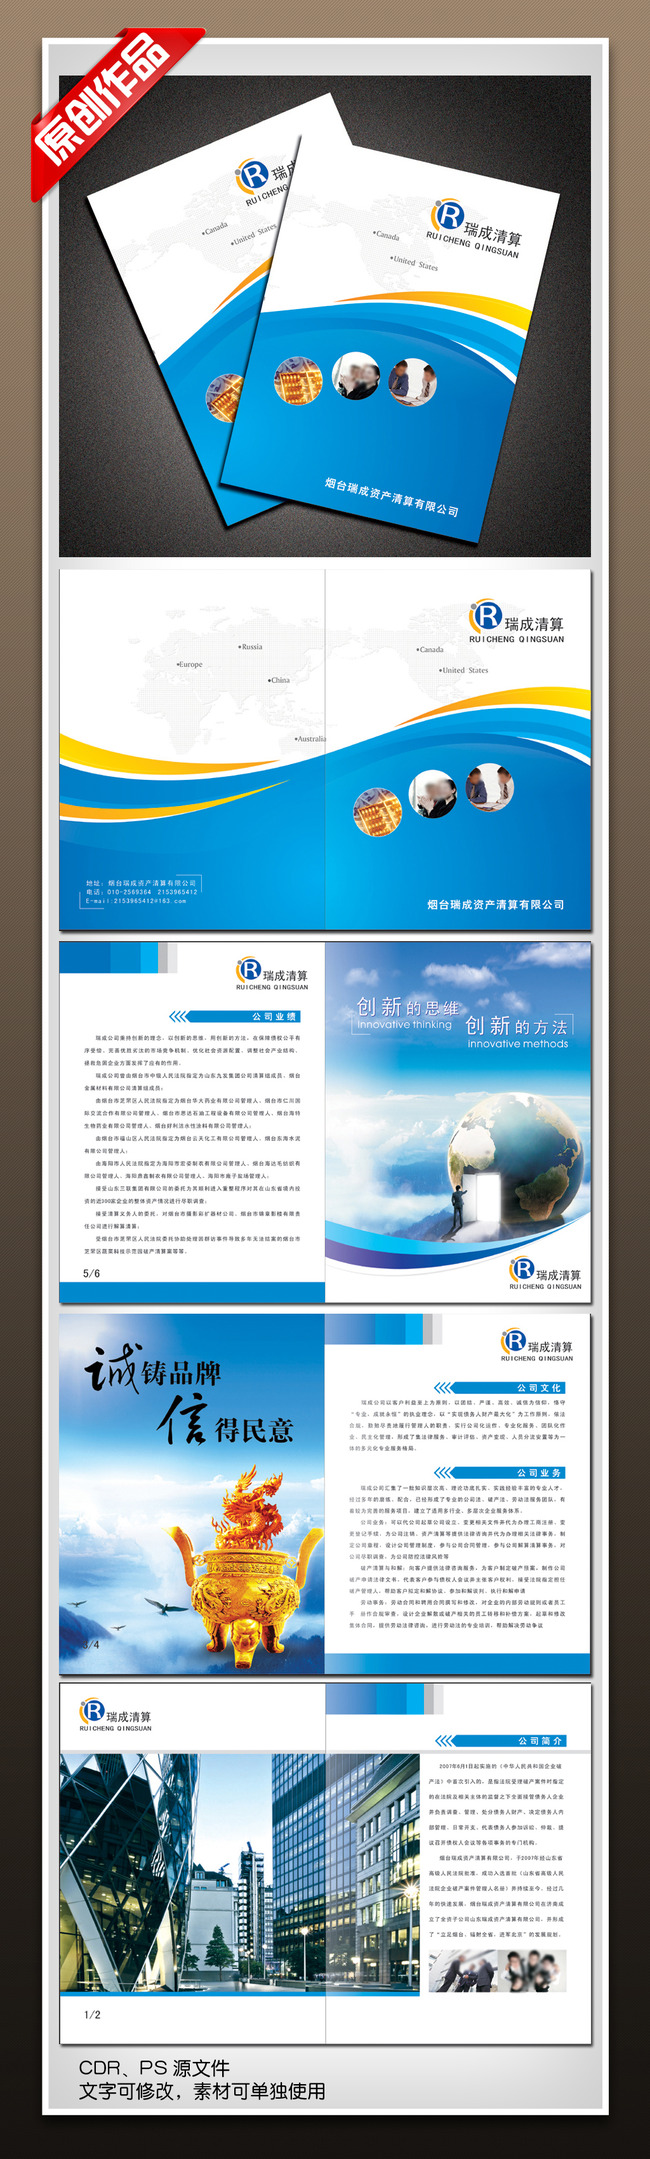 企业产品画册模板下载